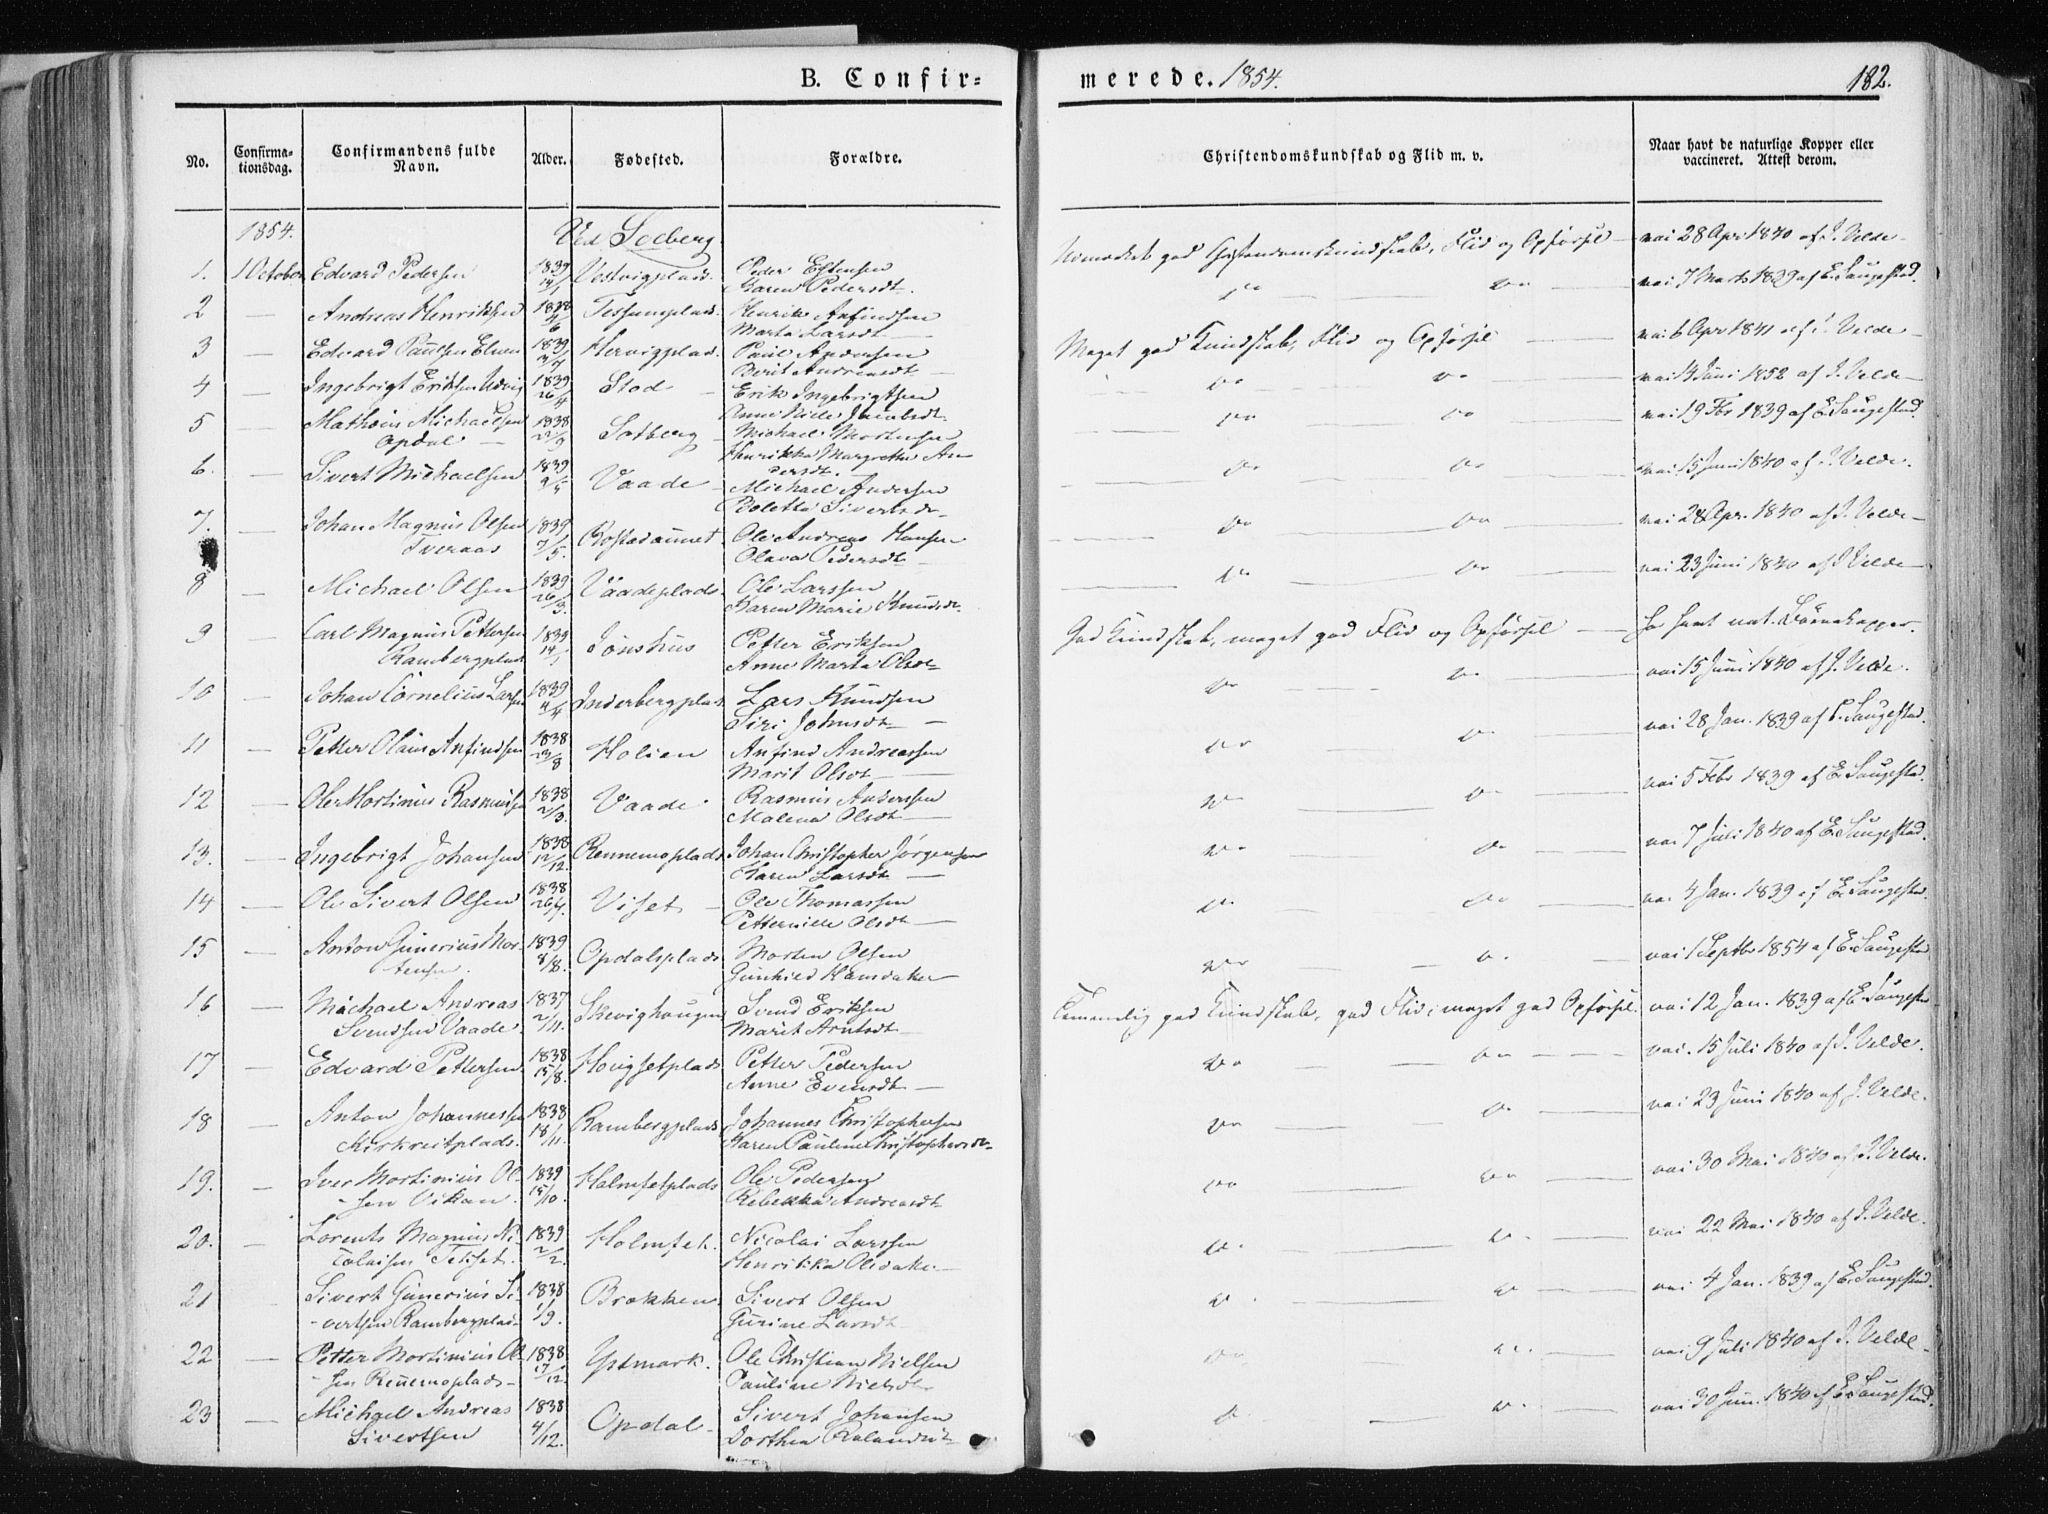 SAT, Ministerialprotokoller, klokkerbøker og fødselsregistre - Nord-Trøndelag, 741/L0393: Ministerialbok nr. 741A07, 1849-1863, s. 182